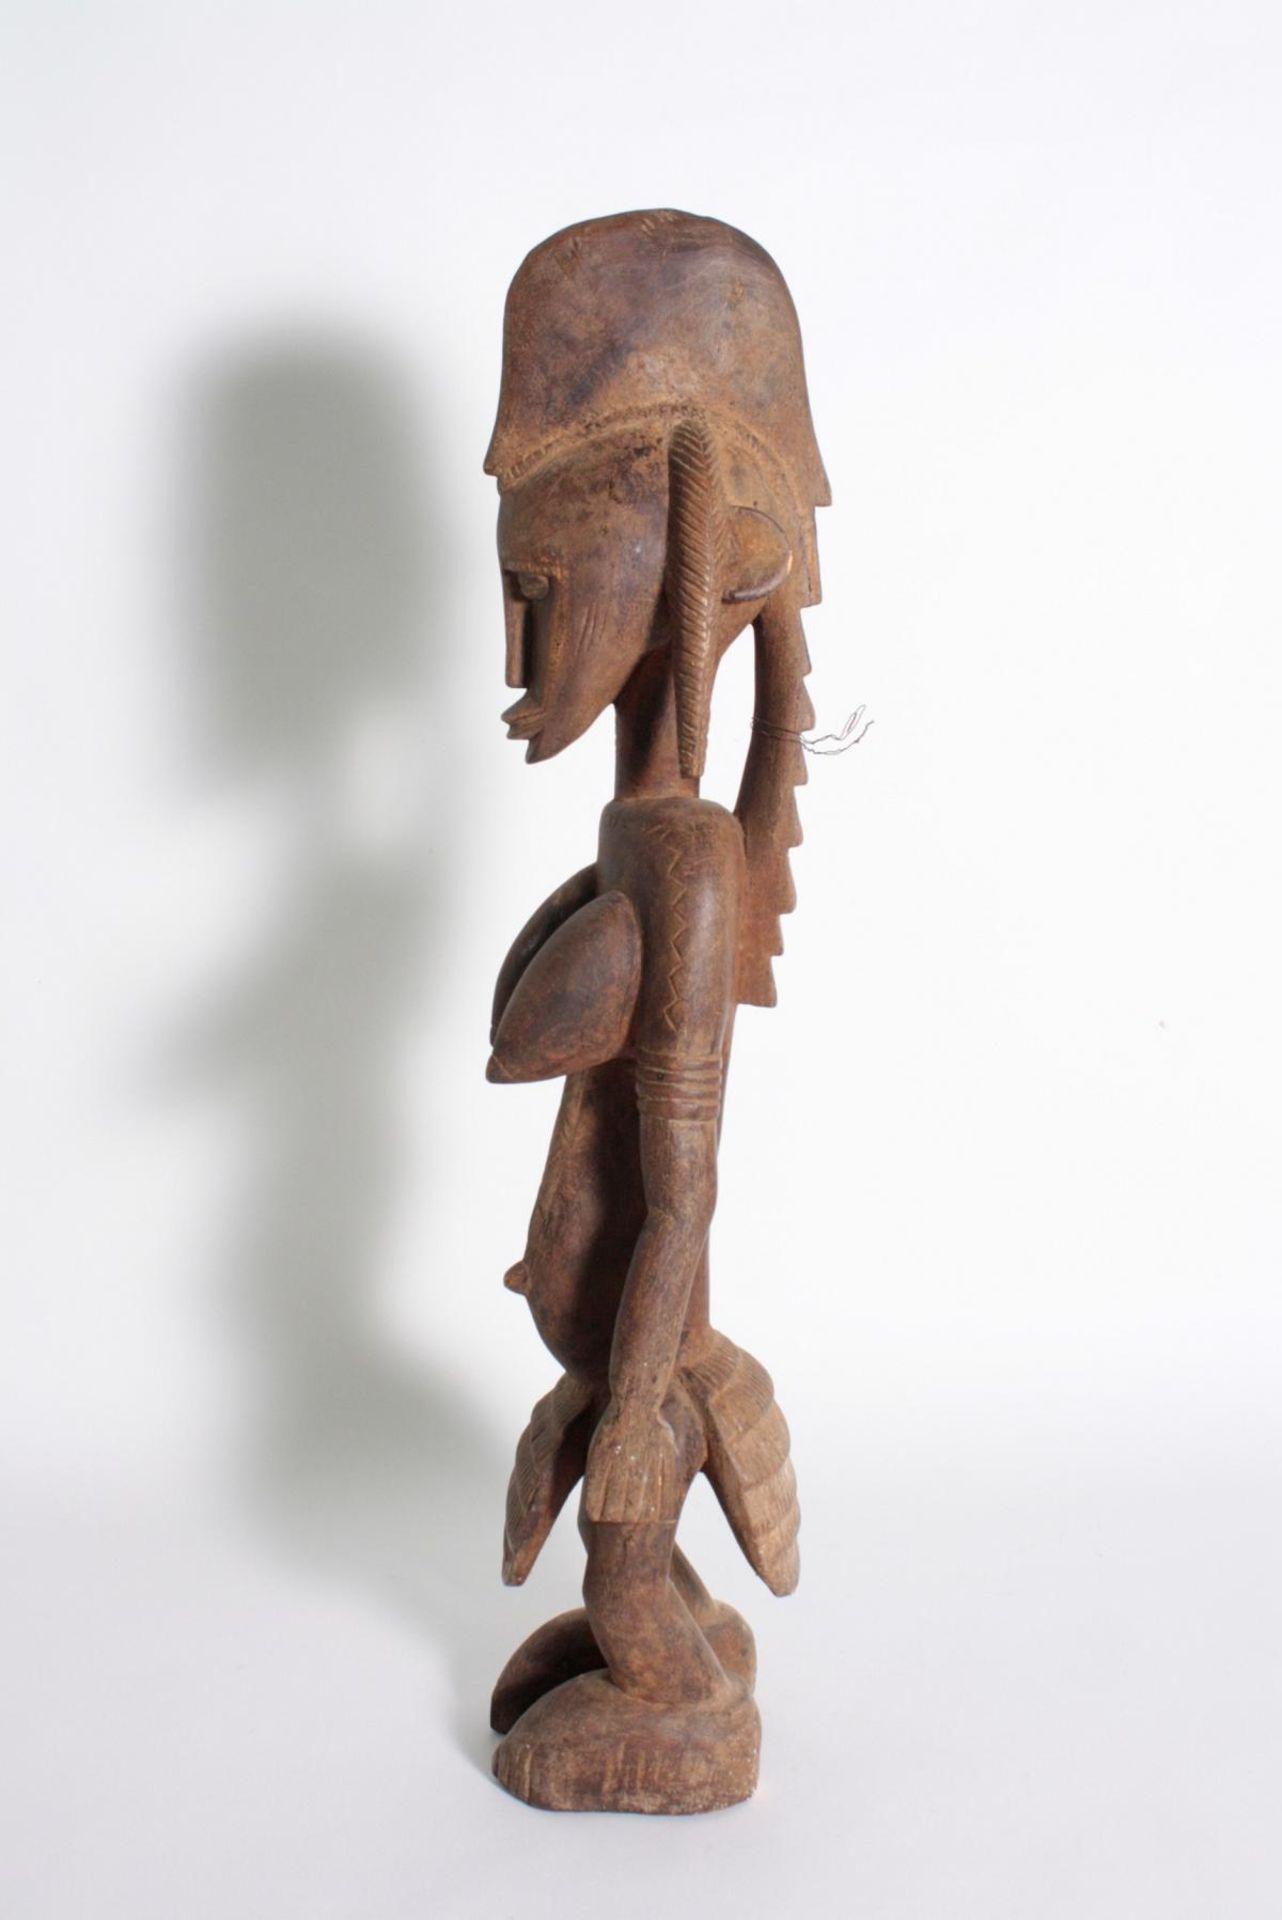 Stehende Frauenfigur, Senufo/Elfenbeinküste, 1. Hälfte 20. Jh.Bräunliches Holz. Stehende Frauenfigur - Bild 5 aus 6